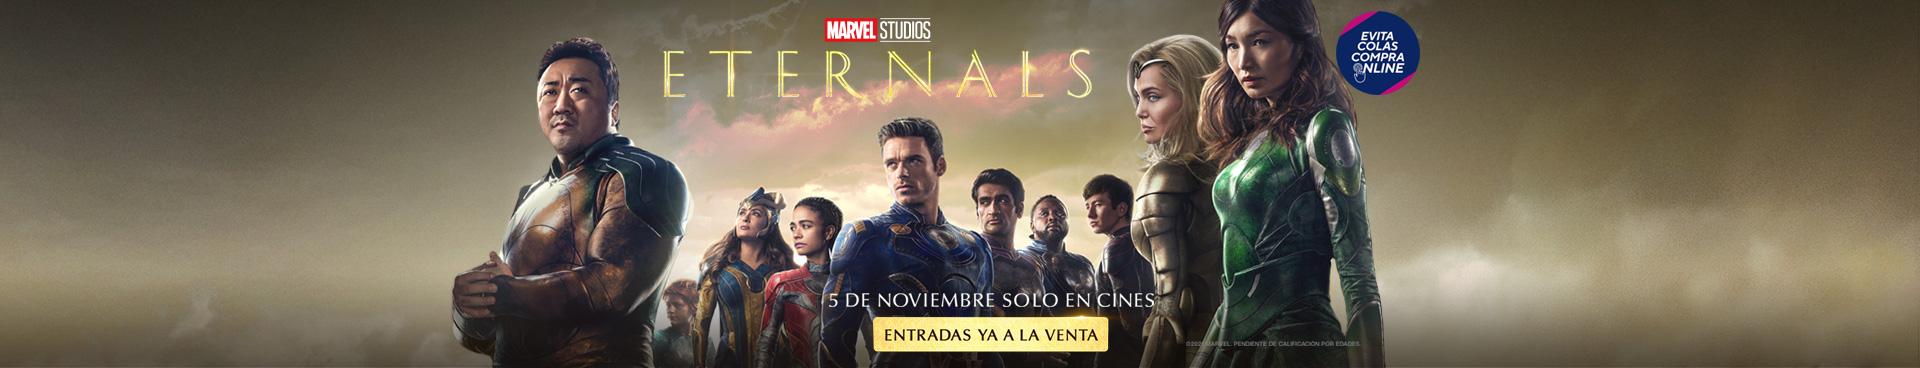 VA_Eternals